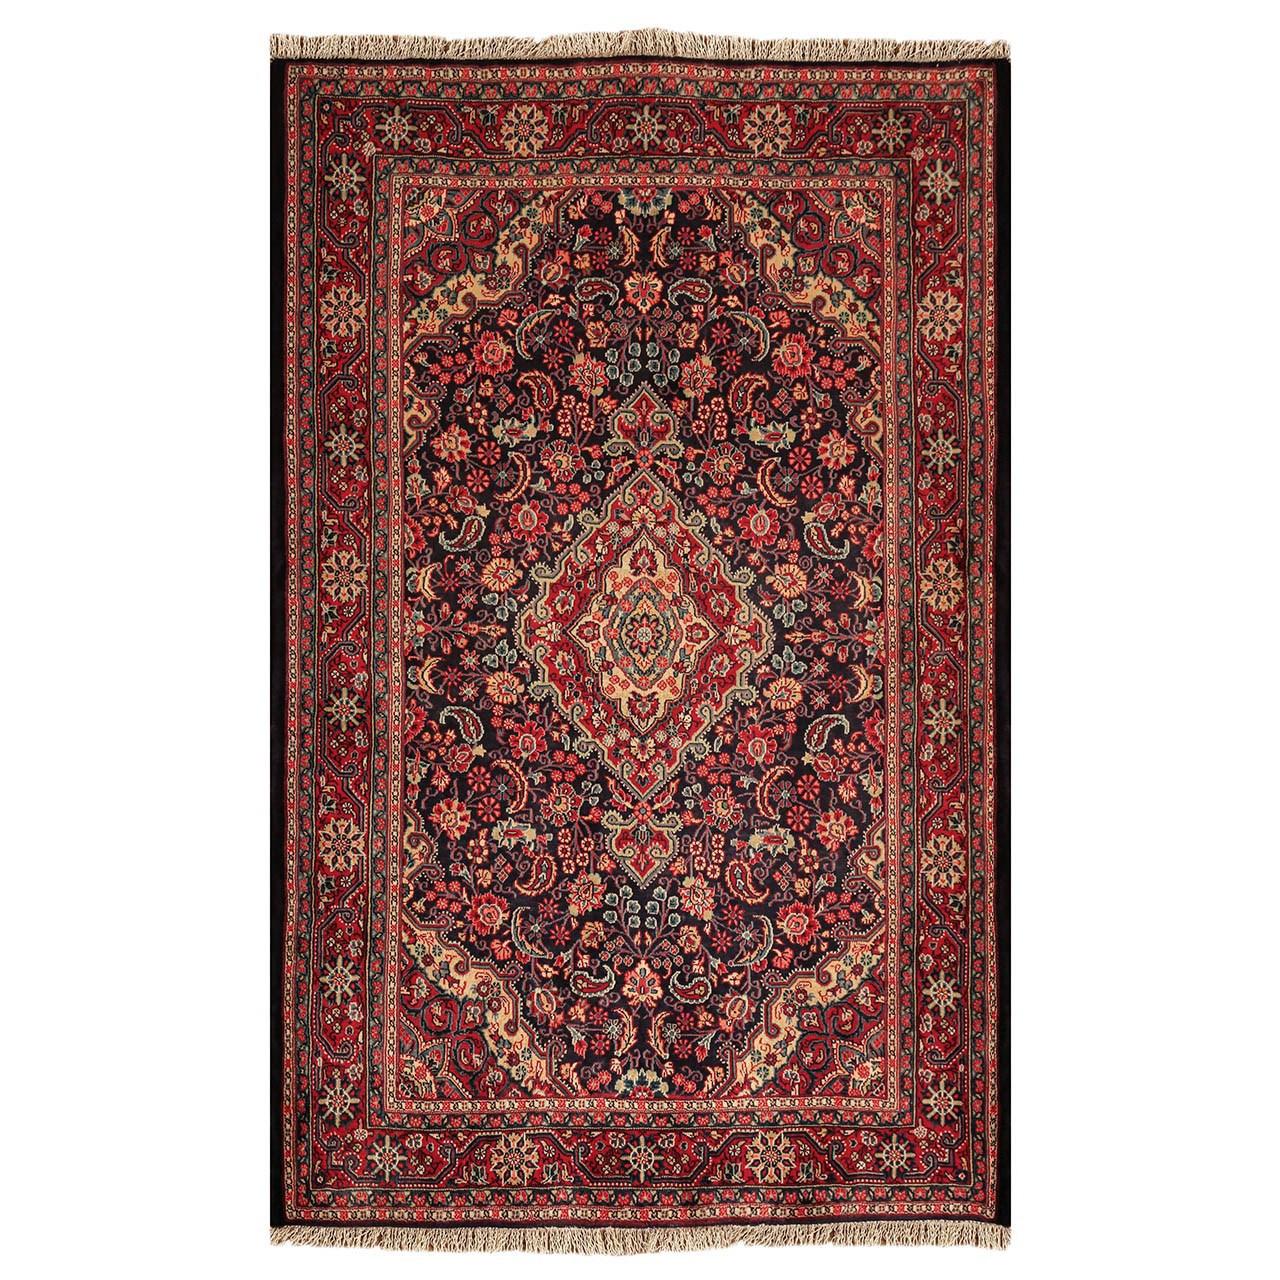 فرش دستبافت سه متری کد 9511182